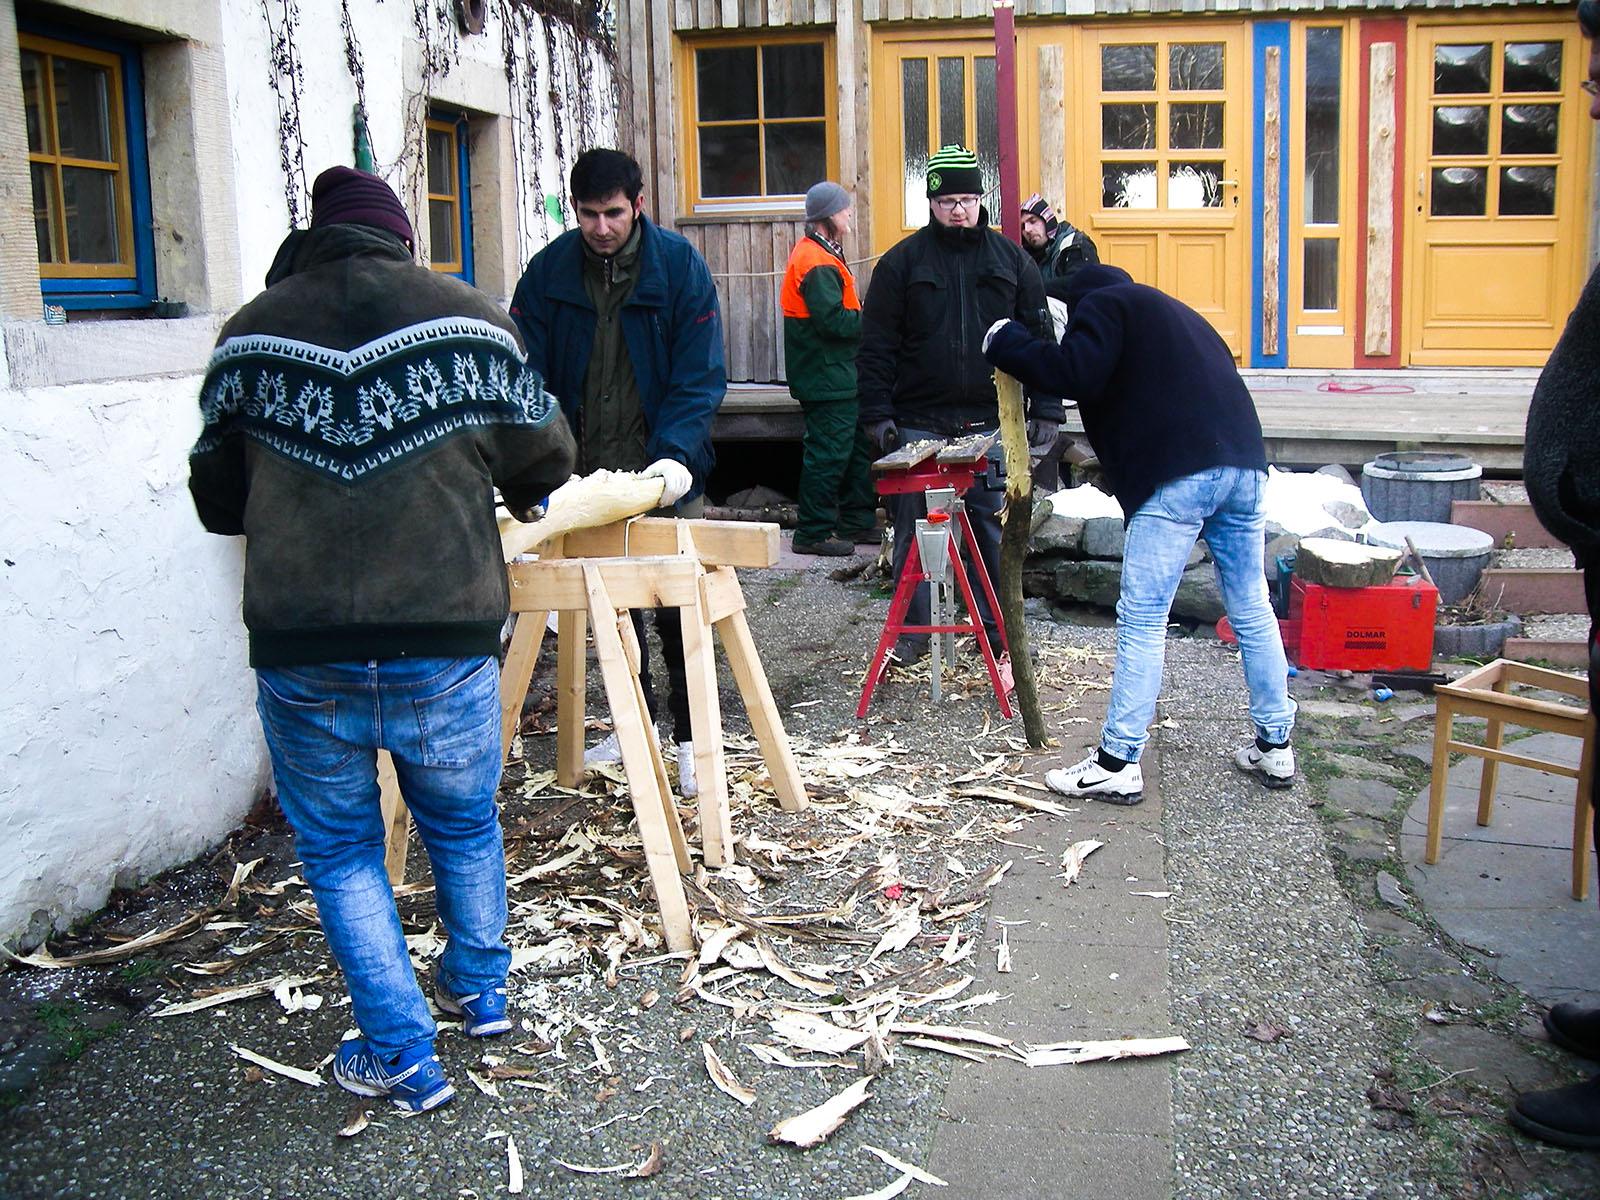 Wildholzmöbelbau – ökologisch sinnvoll und kreativ